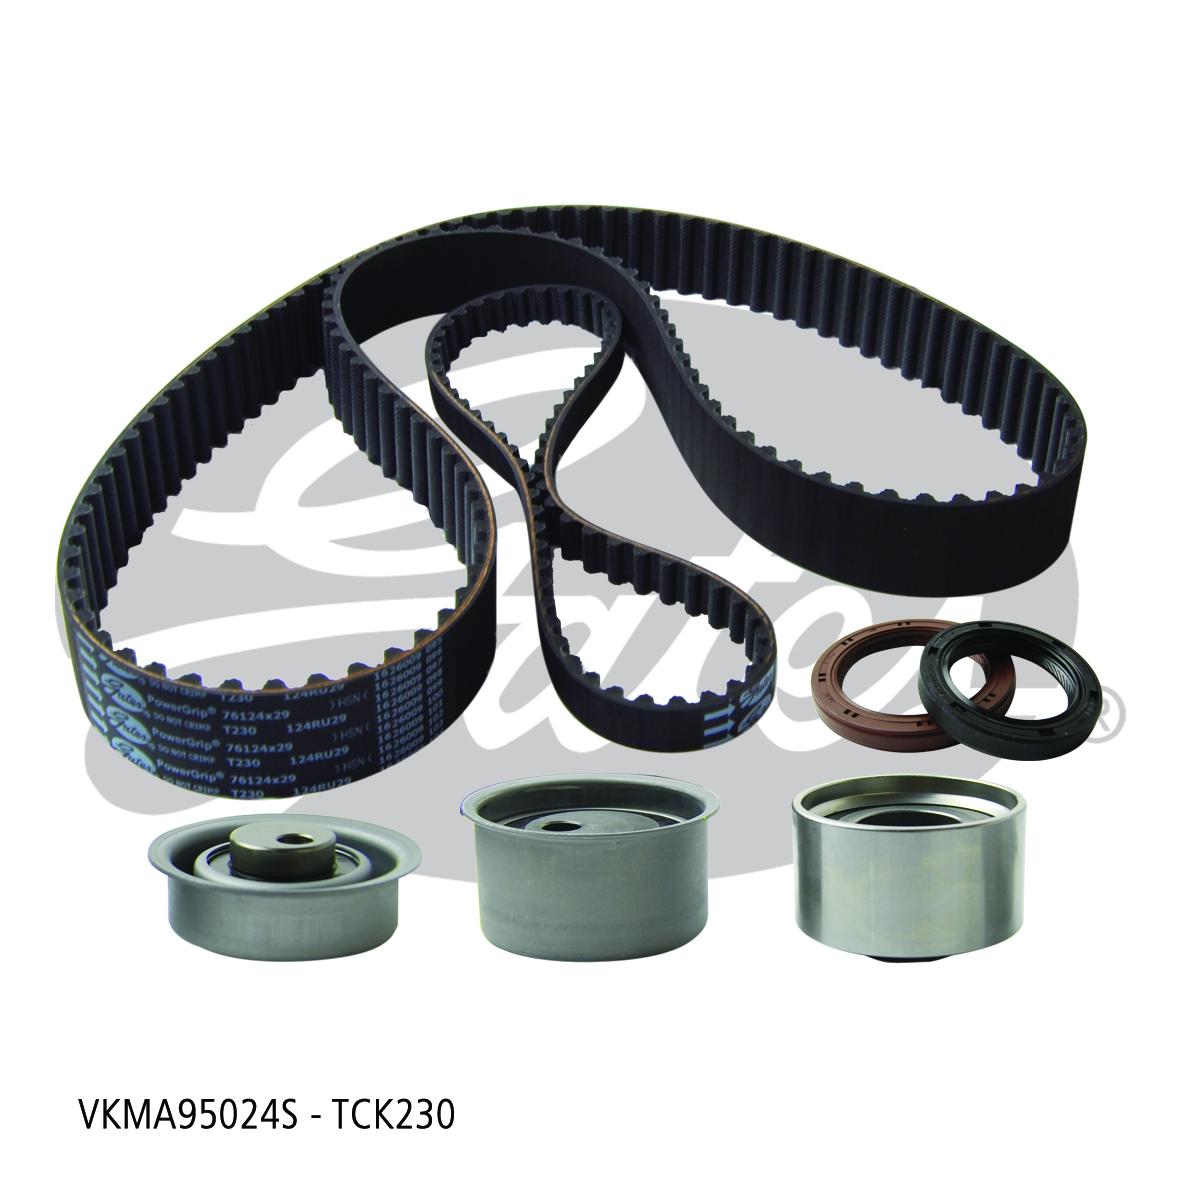 Gates Timing Belt Kit TCK230